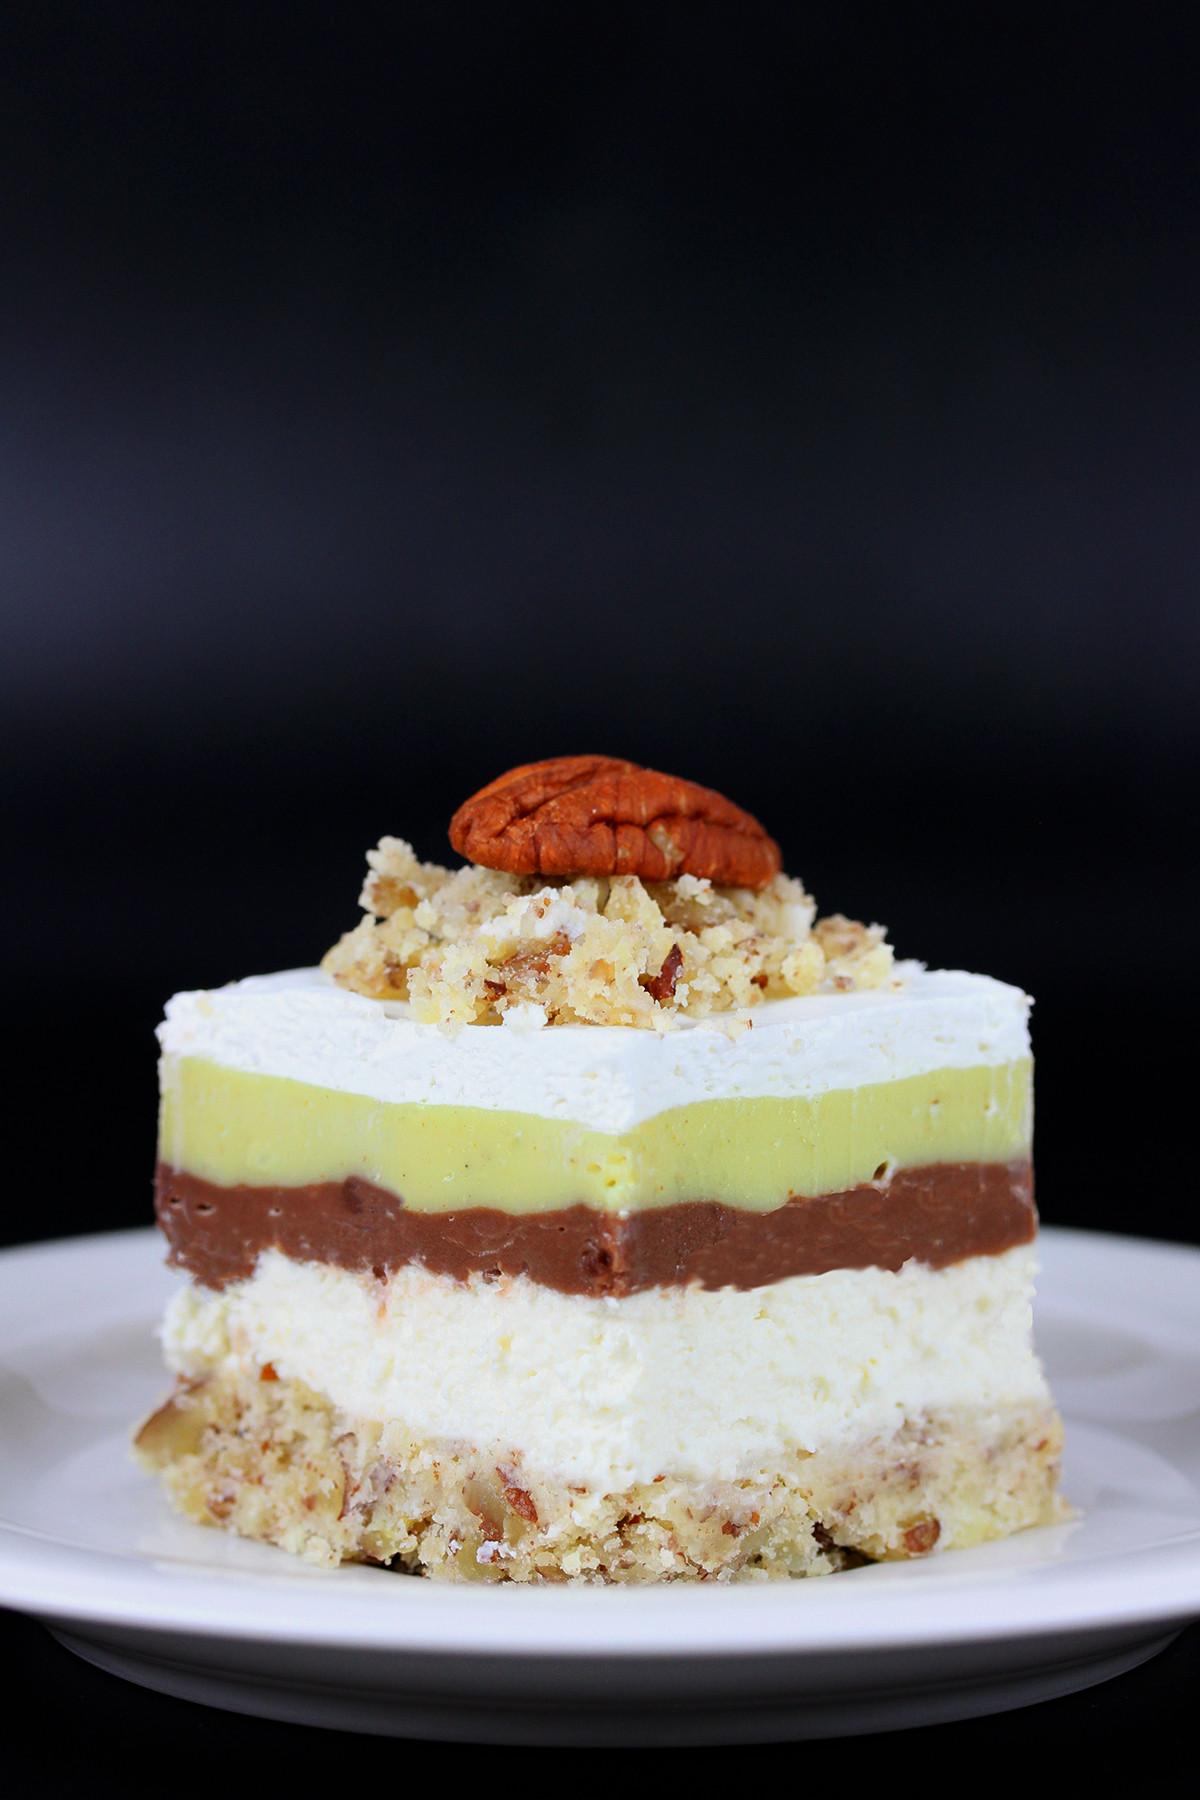 Better Than Robert Redford Dessert  Better than Robert Redford Dessert or Cake Vegan Gluten